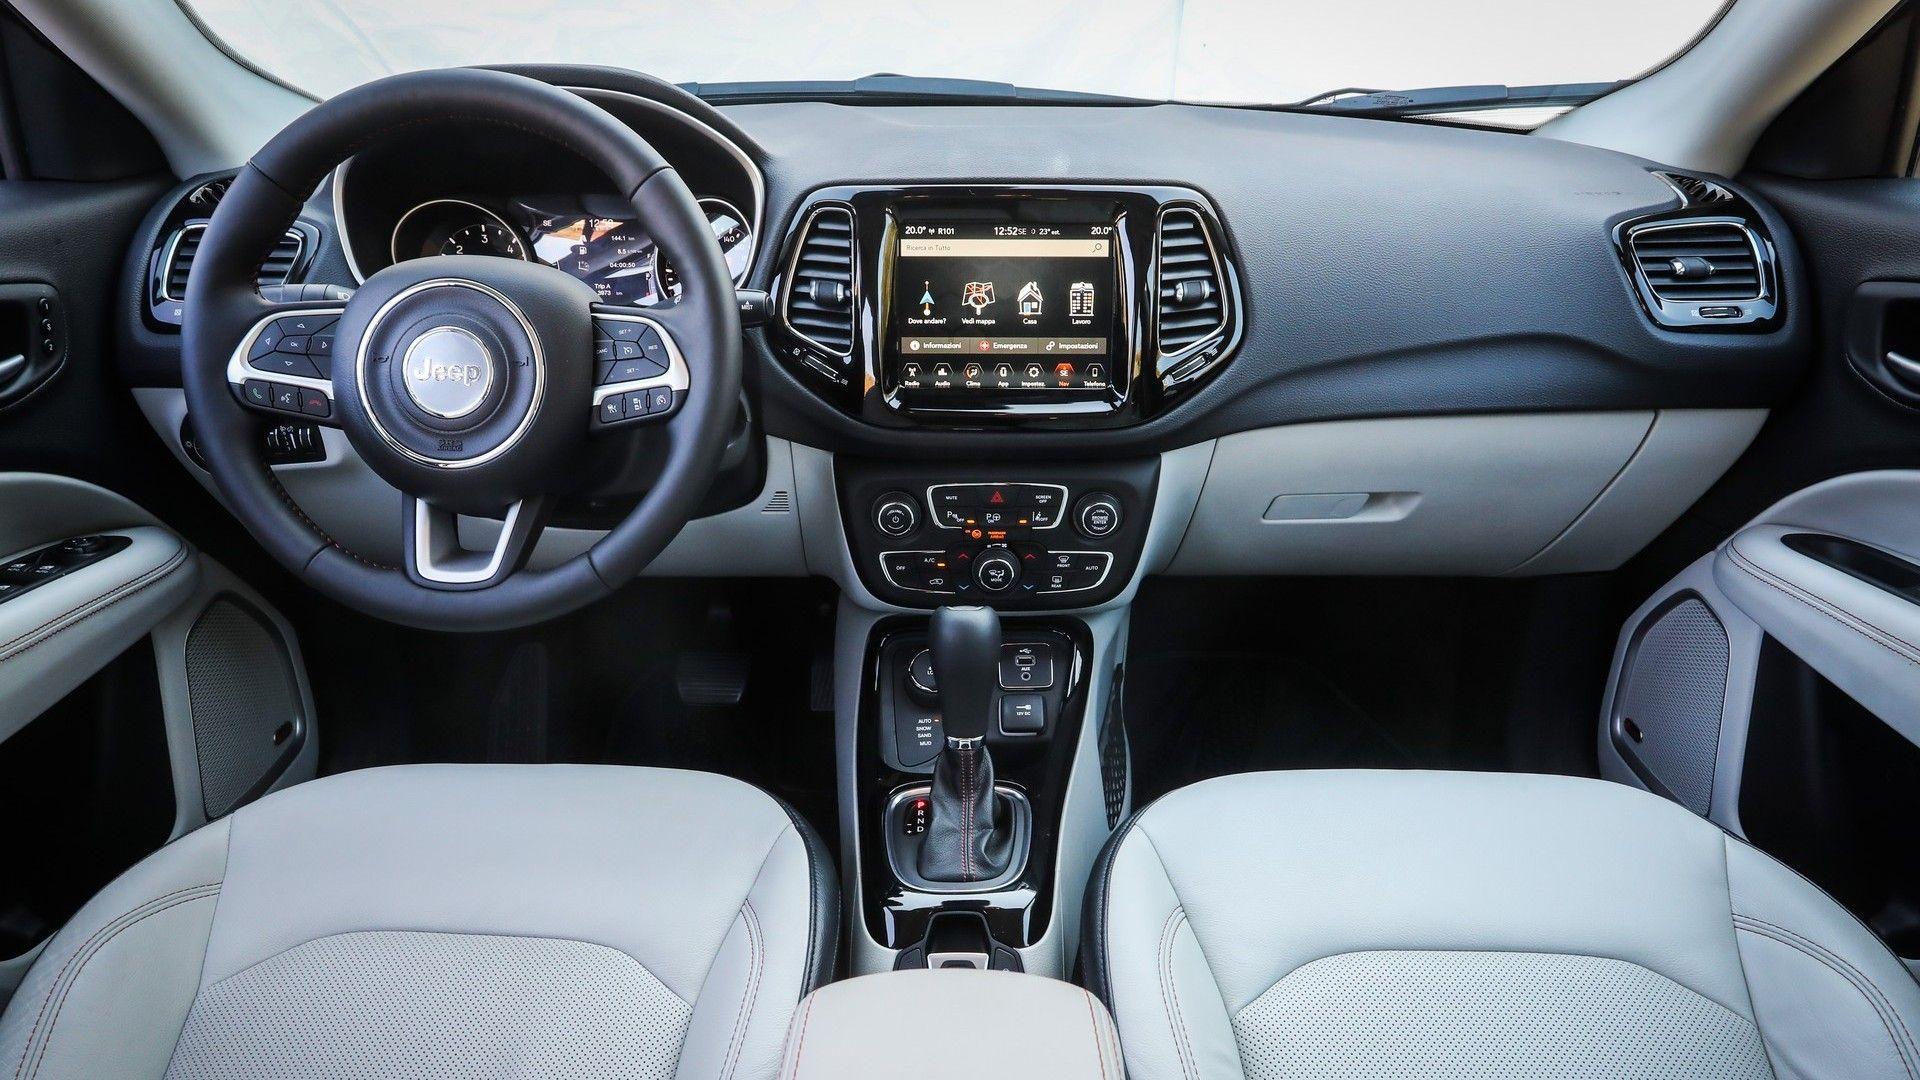 Nissan Qashqai 2018 >> Nuova Jeep Compass, le vostre domande: prezzo, misure ...